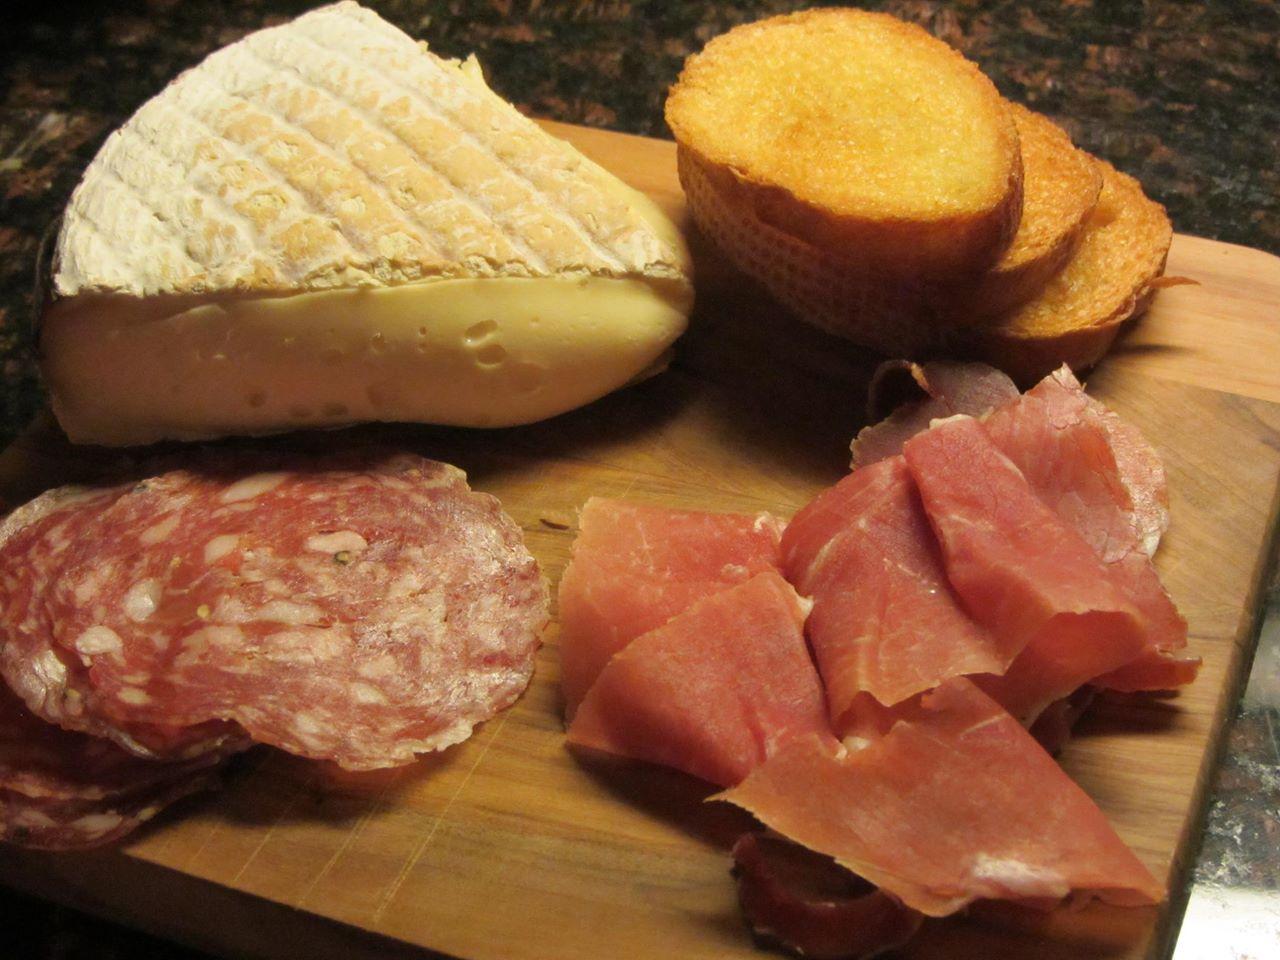 Salami, prosciutto, and L'Edel de Cleron,